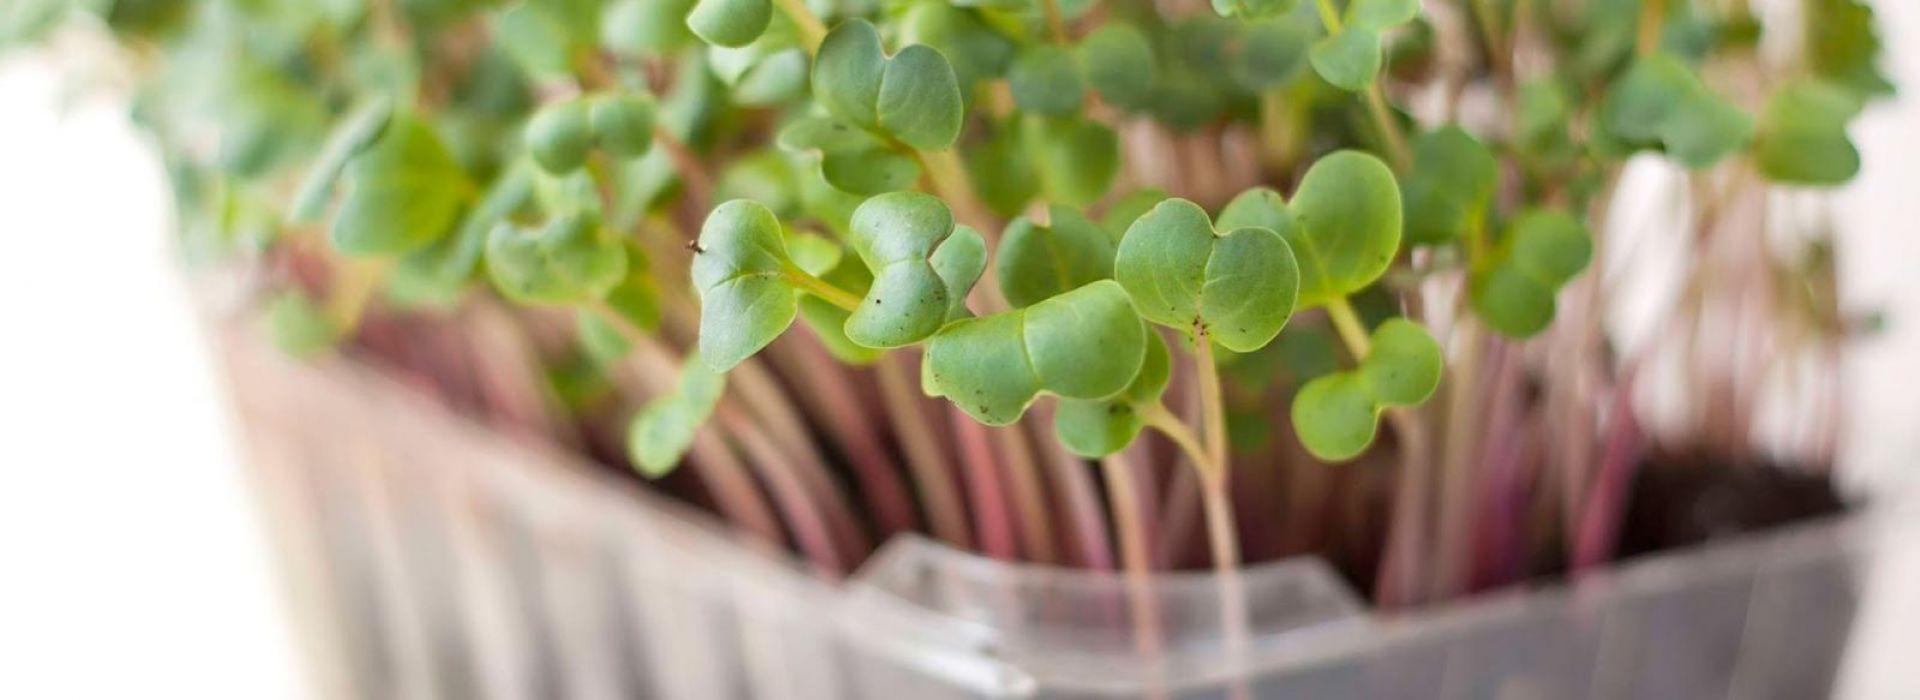 Sprout Radish